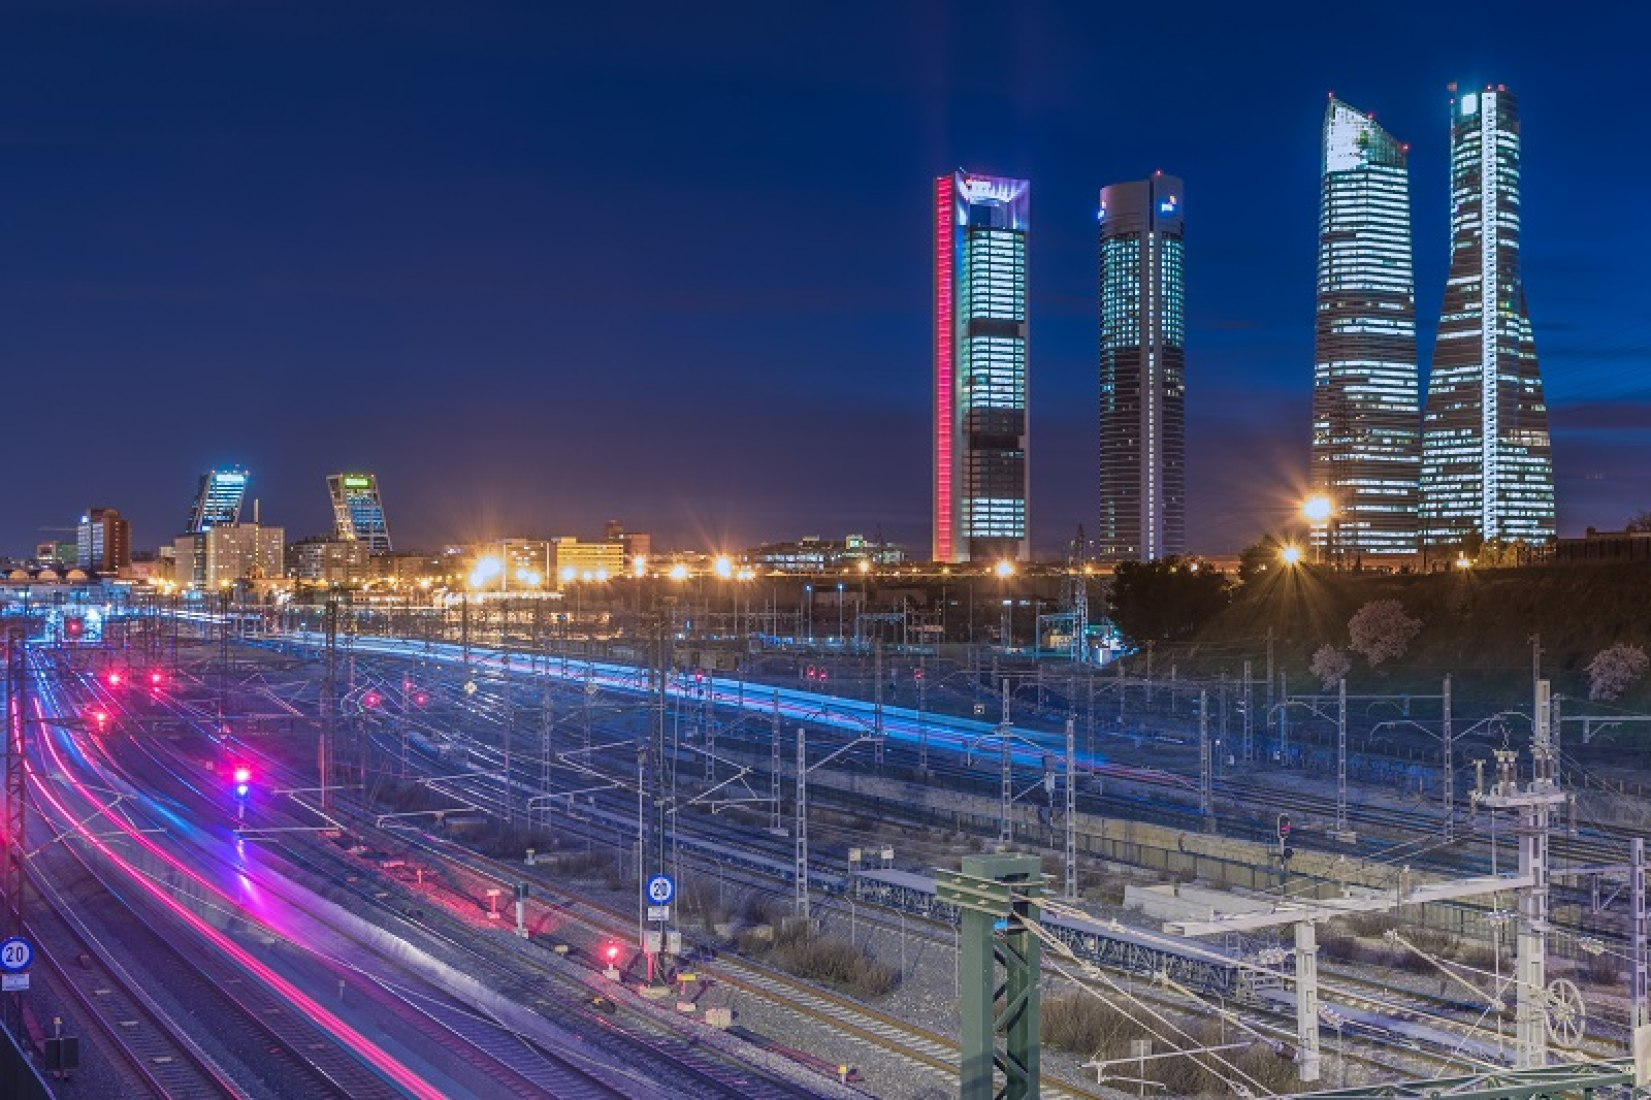 El complejo ferroviario de Chamartín se renovará totalmente, ampliará y mejorará todas sus infraestructuras, con una nueva estación moderna para la red de Cercanías, media y larga distancia.